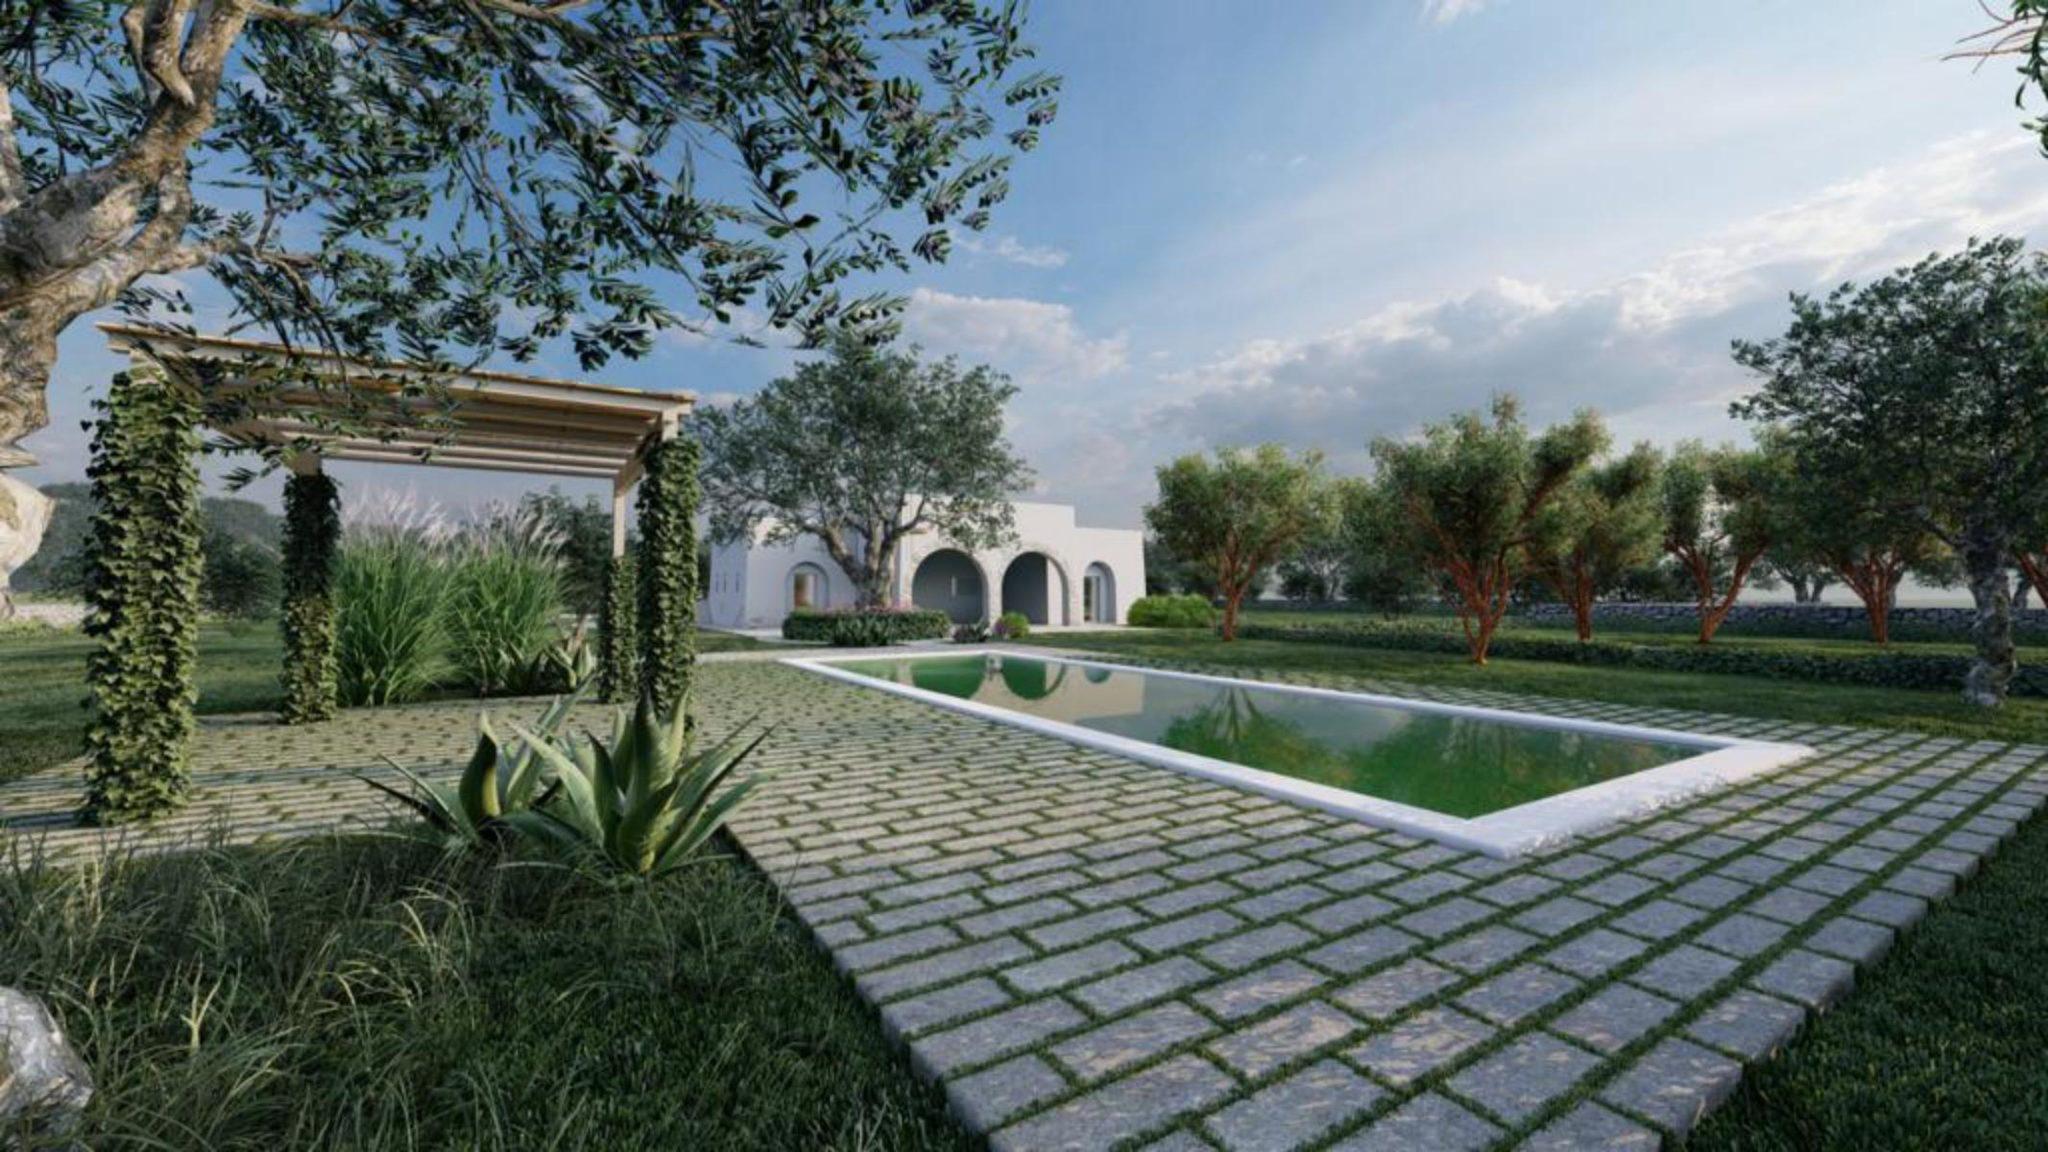 Vendita terreno con progetto – Contrada Cavallerizza, Ostuni (Brindisi)